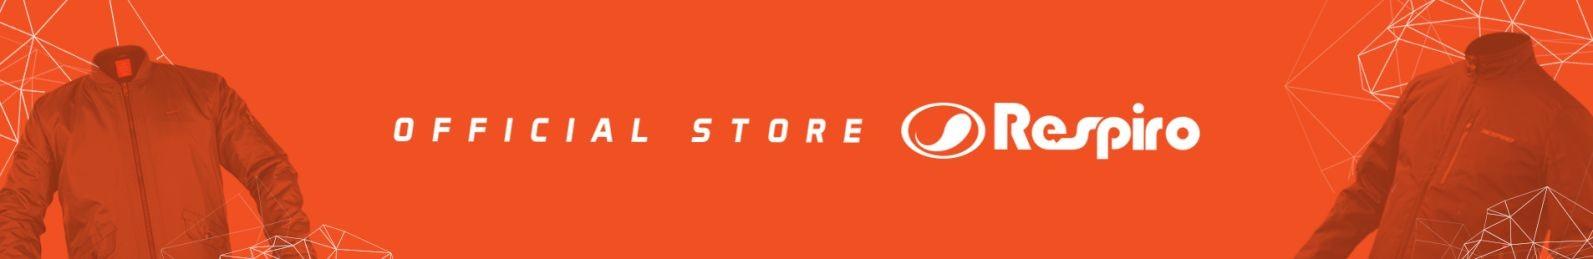 Respiro Official Store